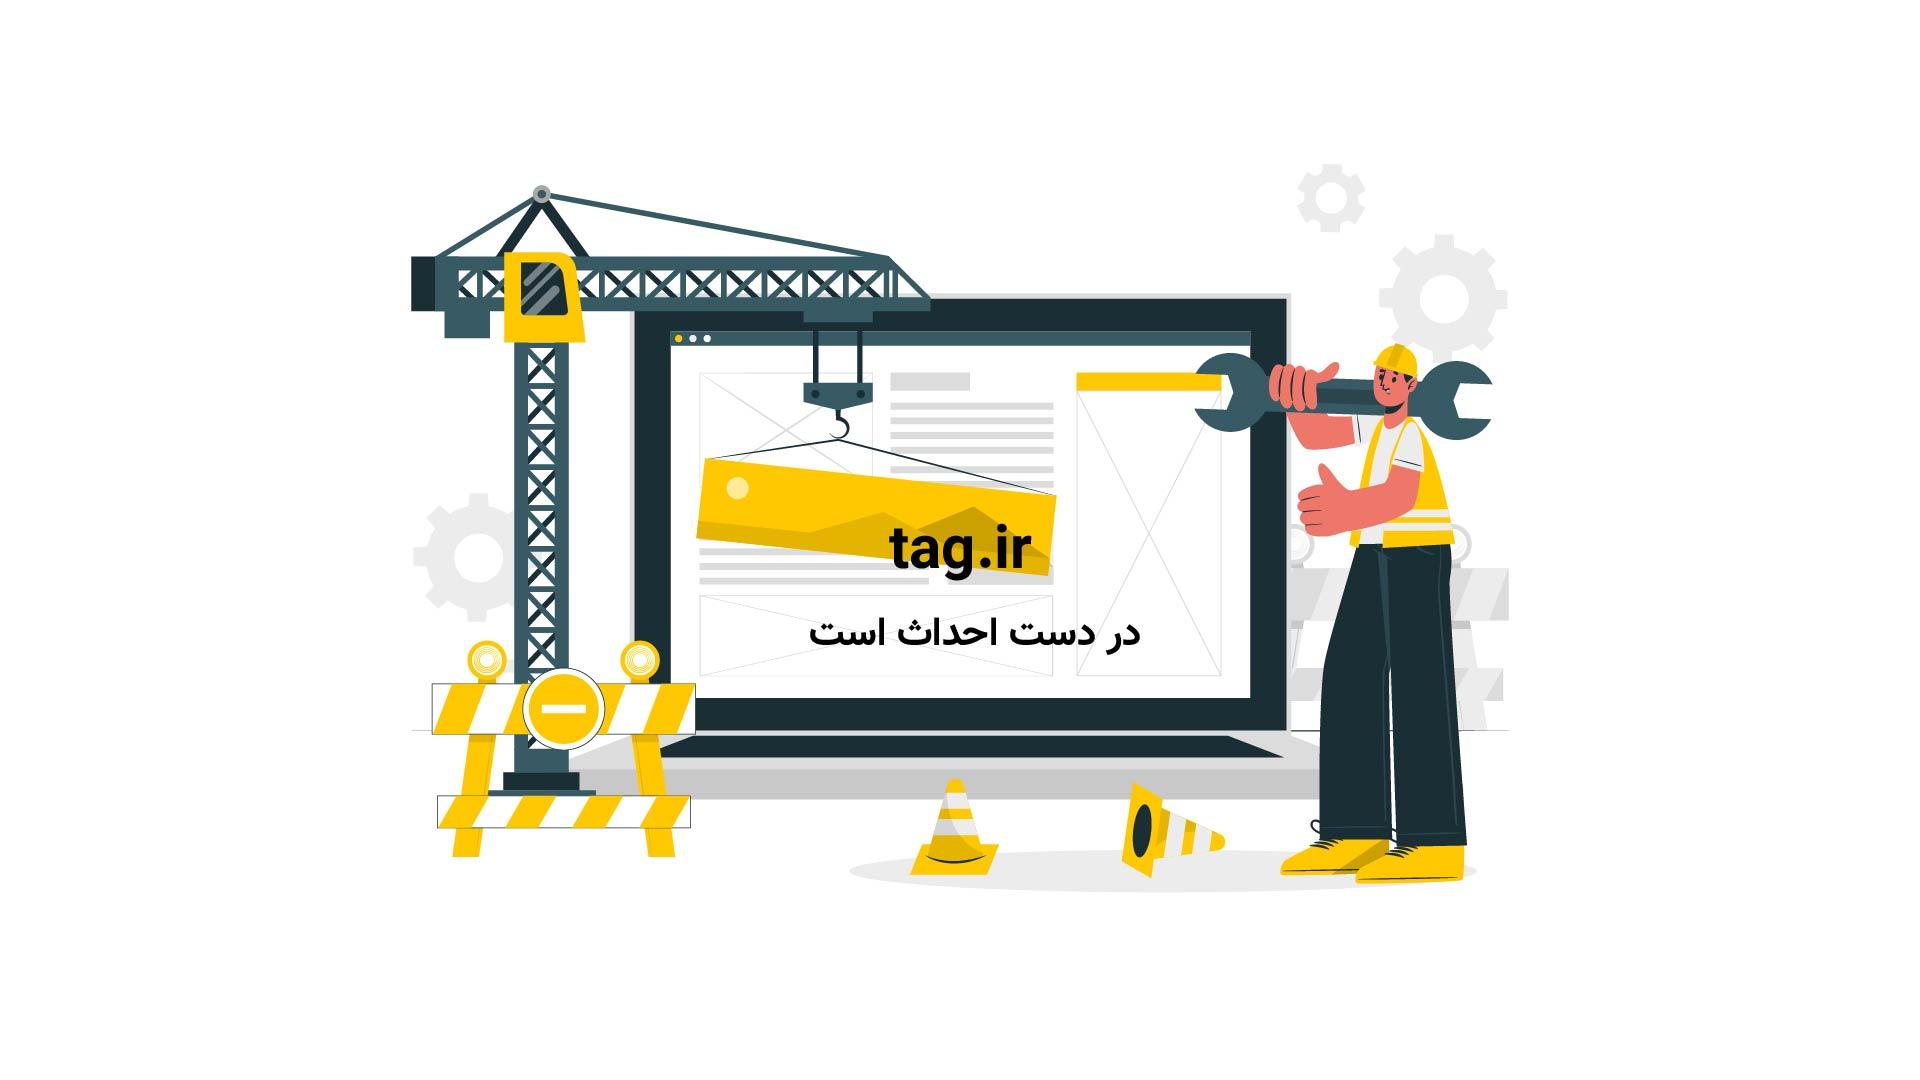 انفجار-علي-عبدالله-صالح   تگ